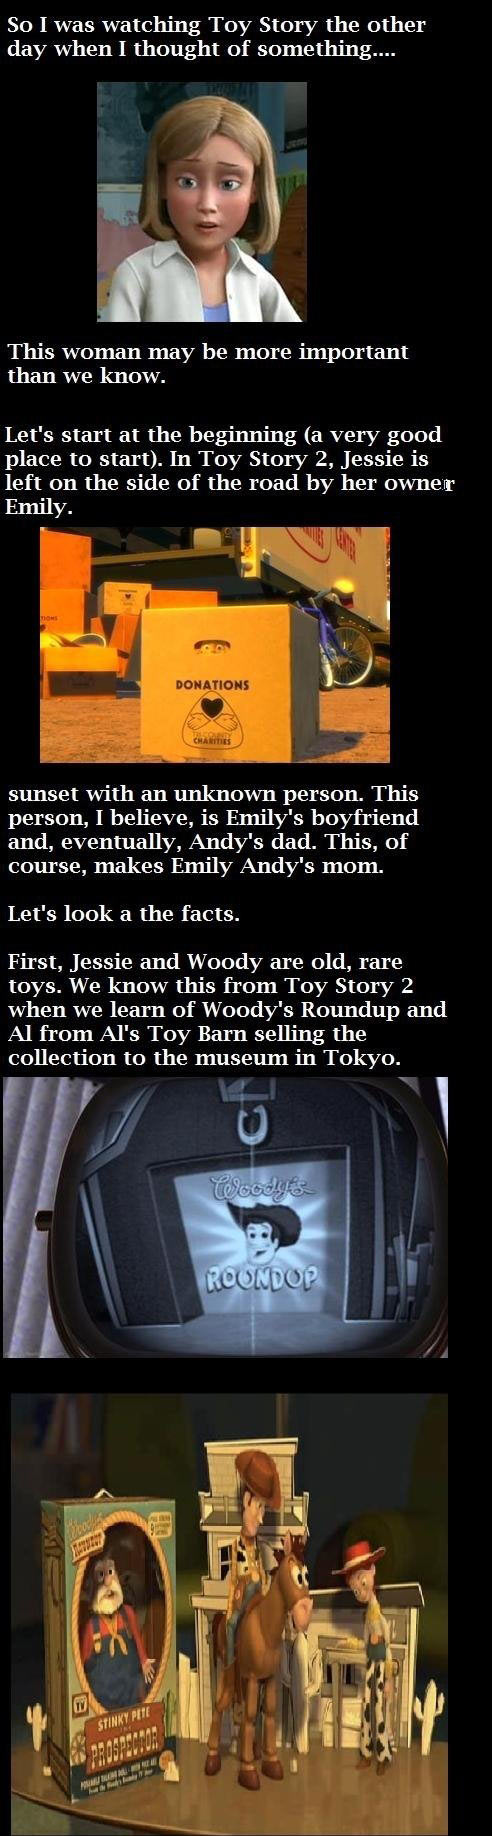 Toy story revelation...